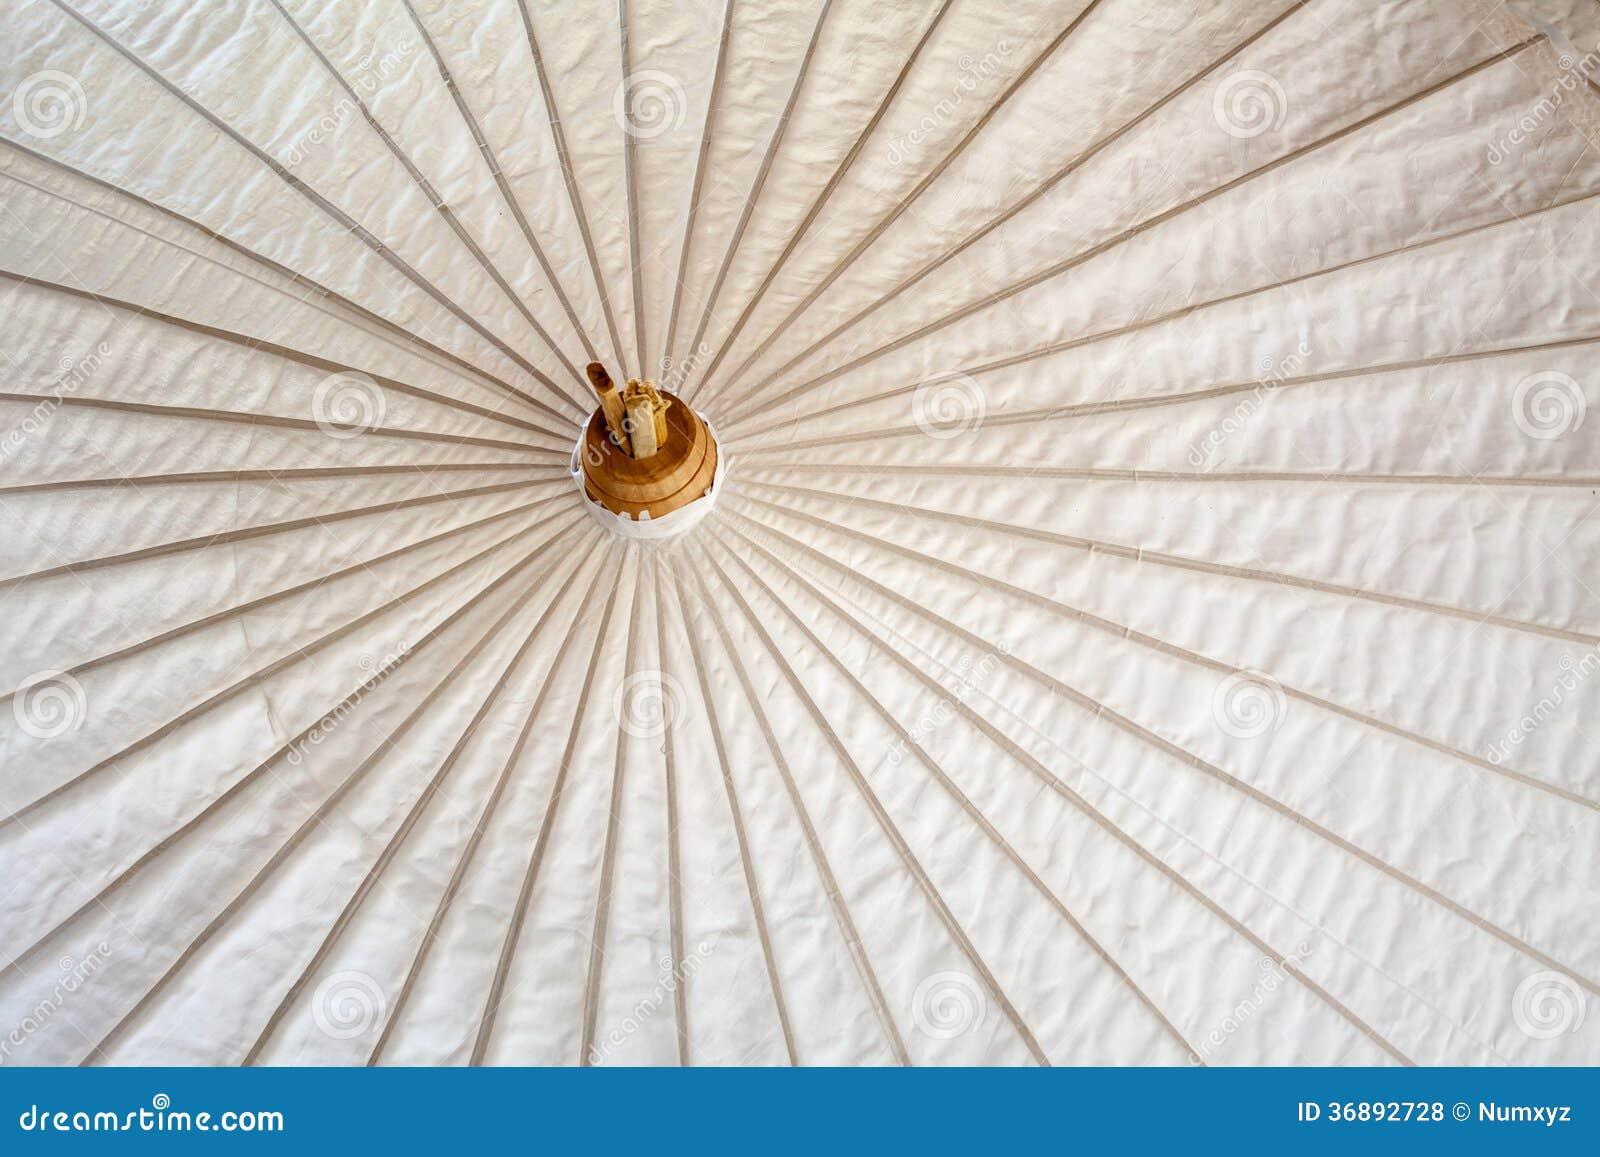 Download L'ombrello Ha Fatto La Carta Della Forma Fotografia Stock - Immagine di colorful, antico: 36892728